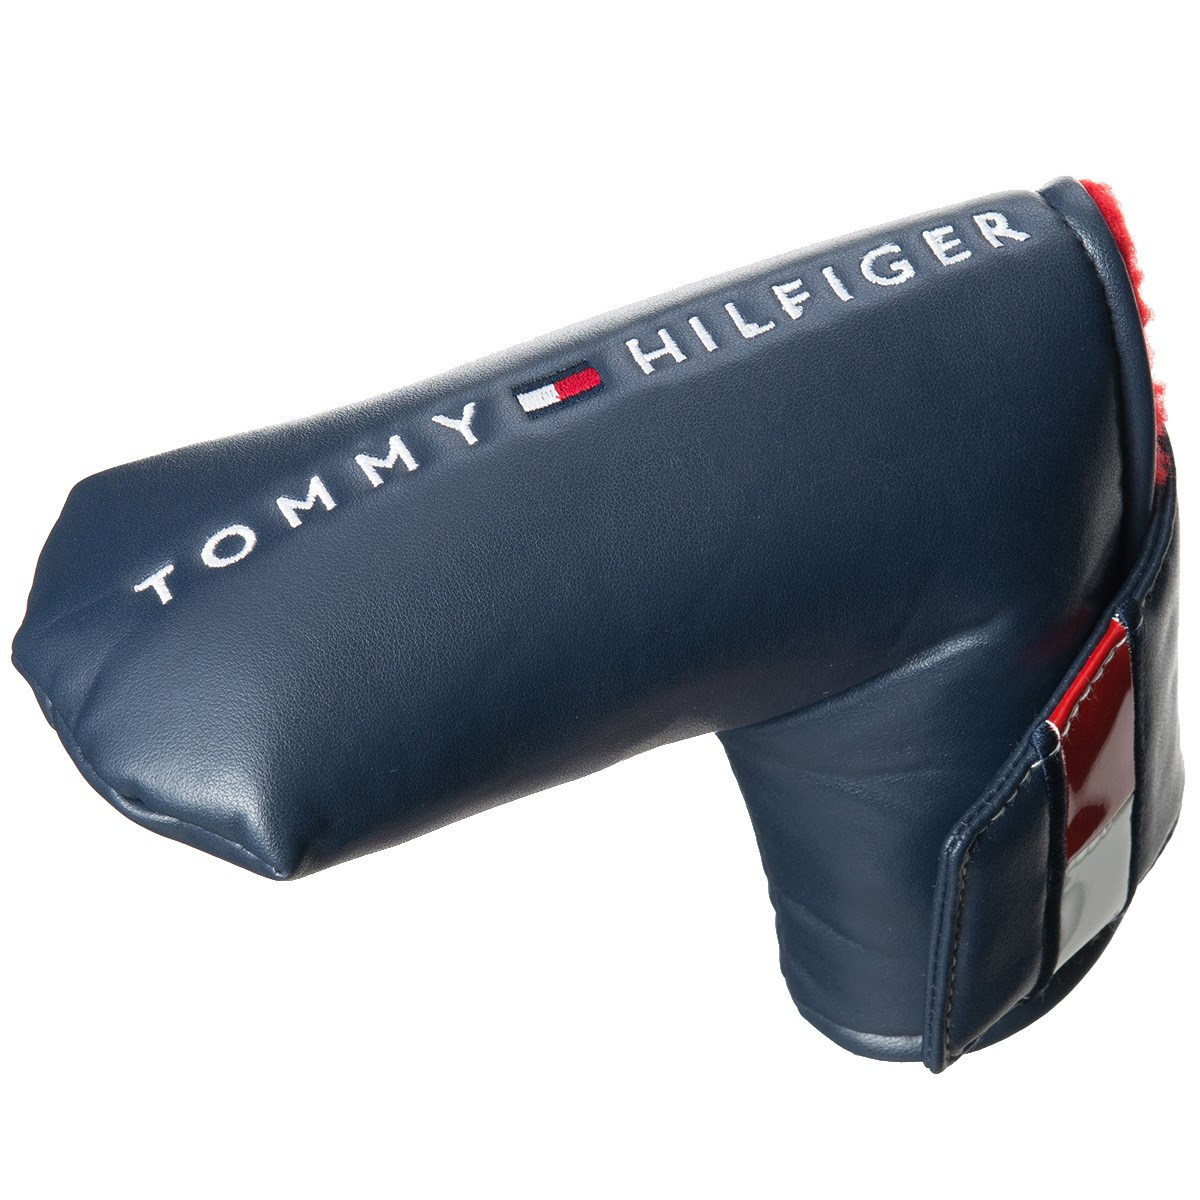 トミー ヒルフィガー ゴルフ TOMMY HILFIGER GOLF BASIC パターカバー ネイビー 30